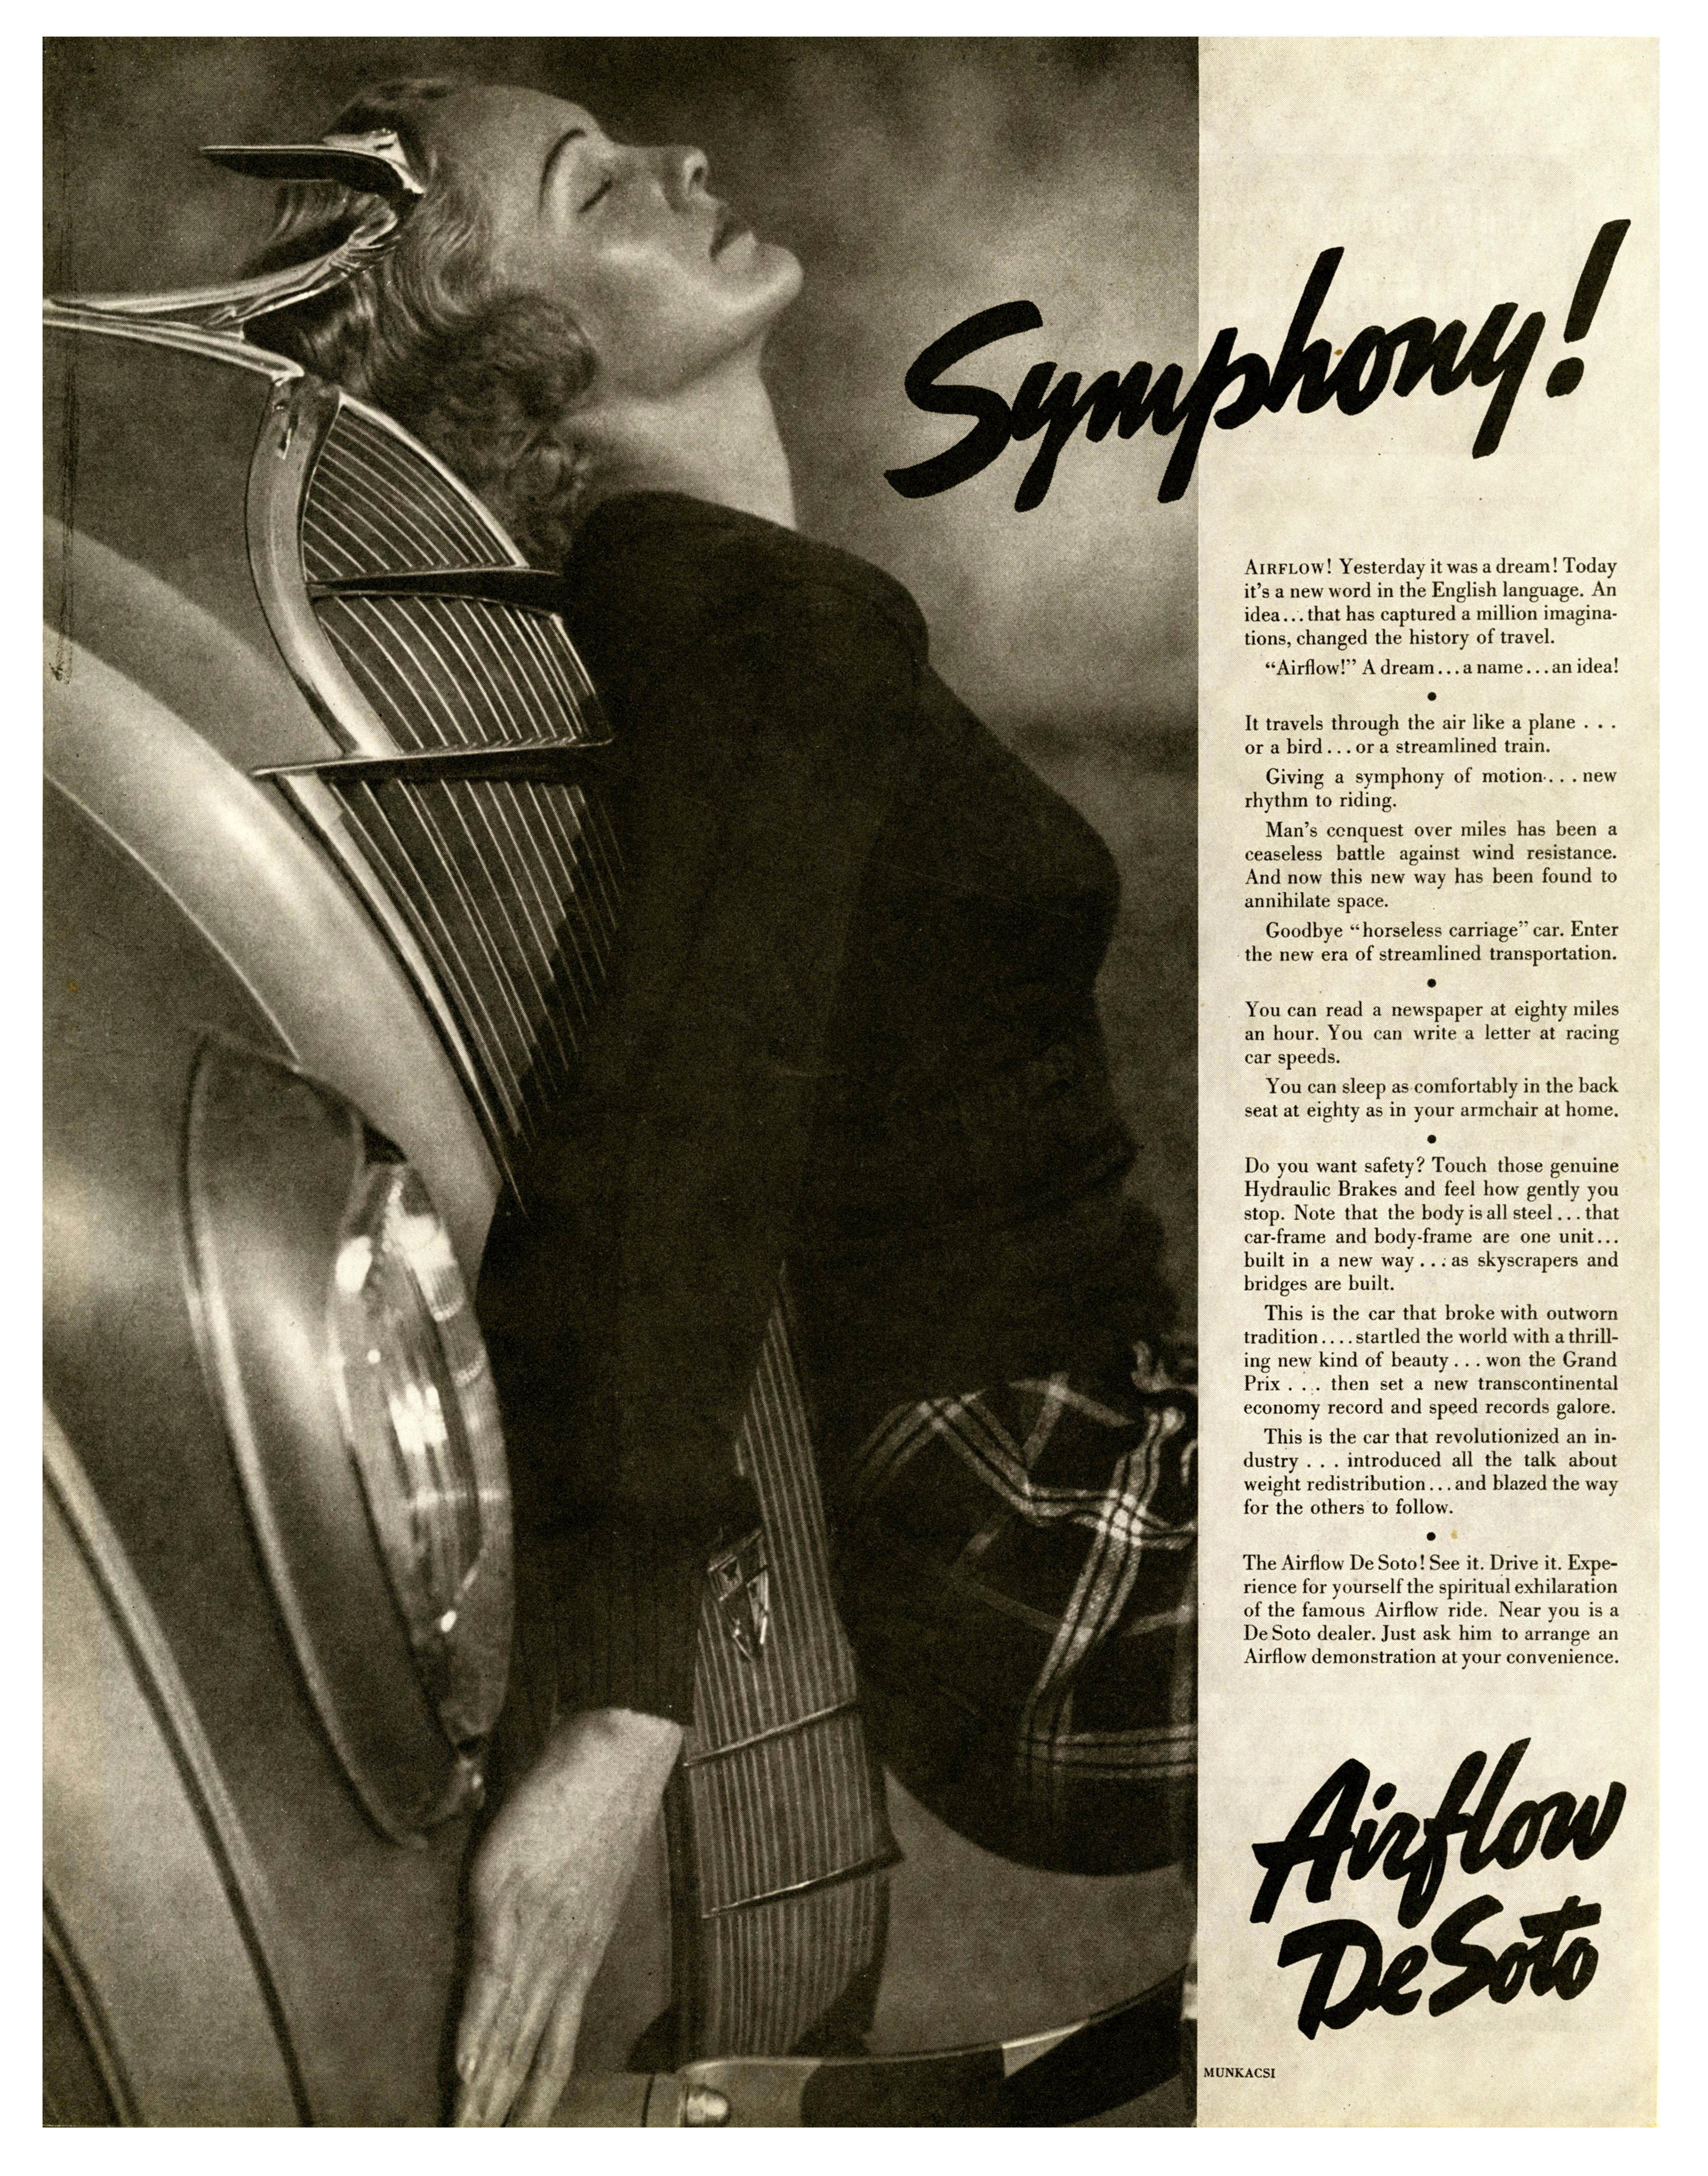 1935 De Soto Airflow